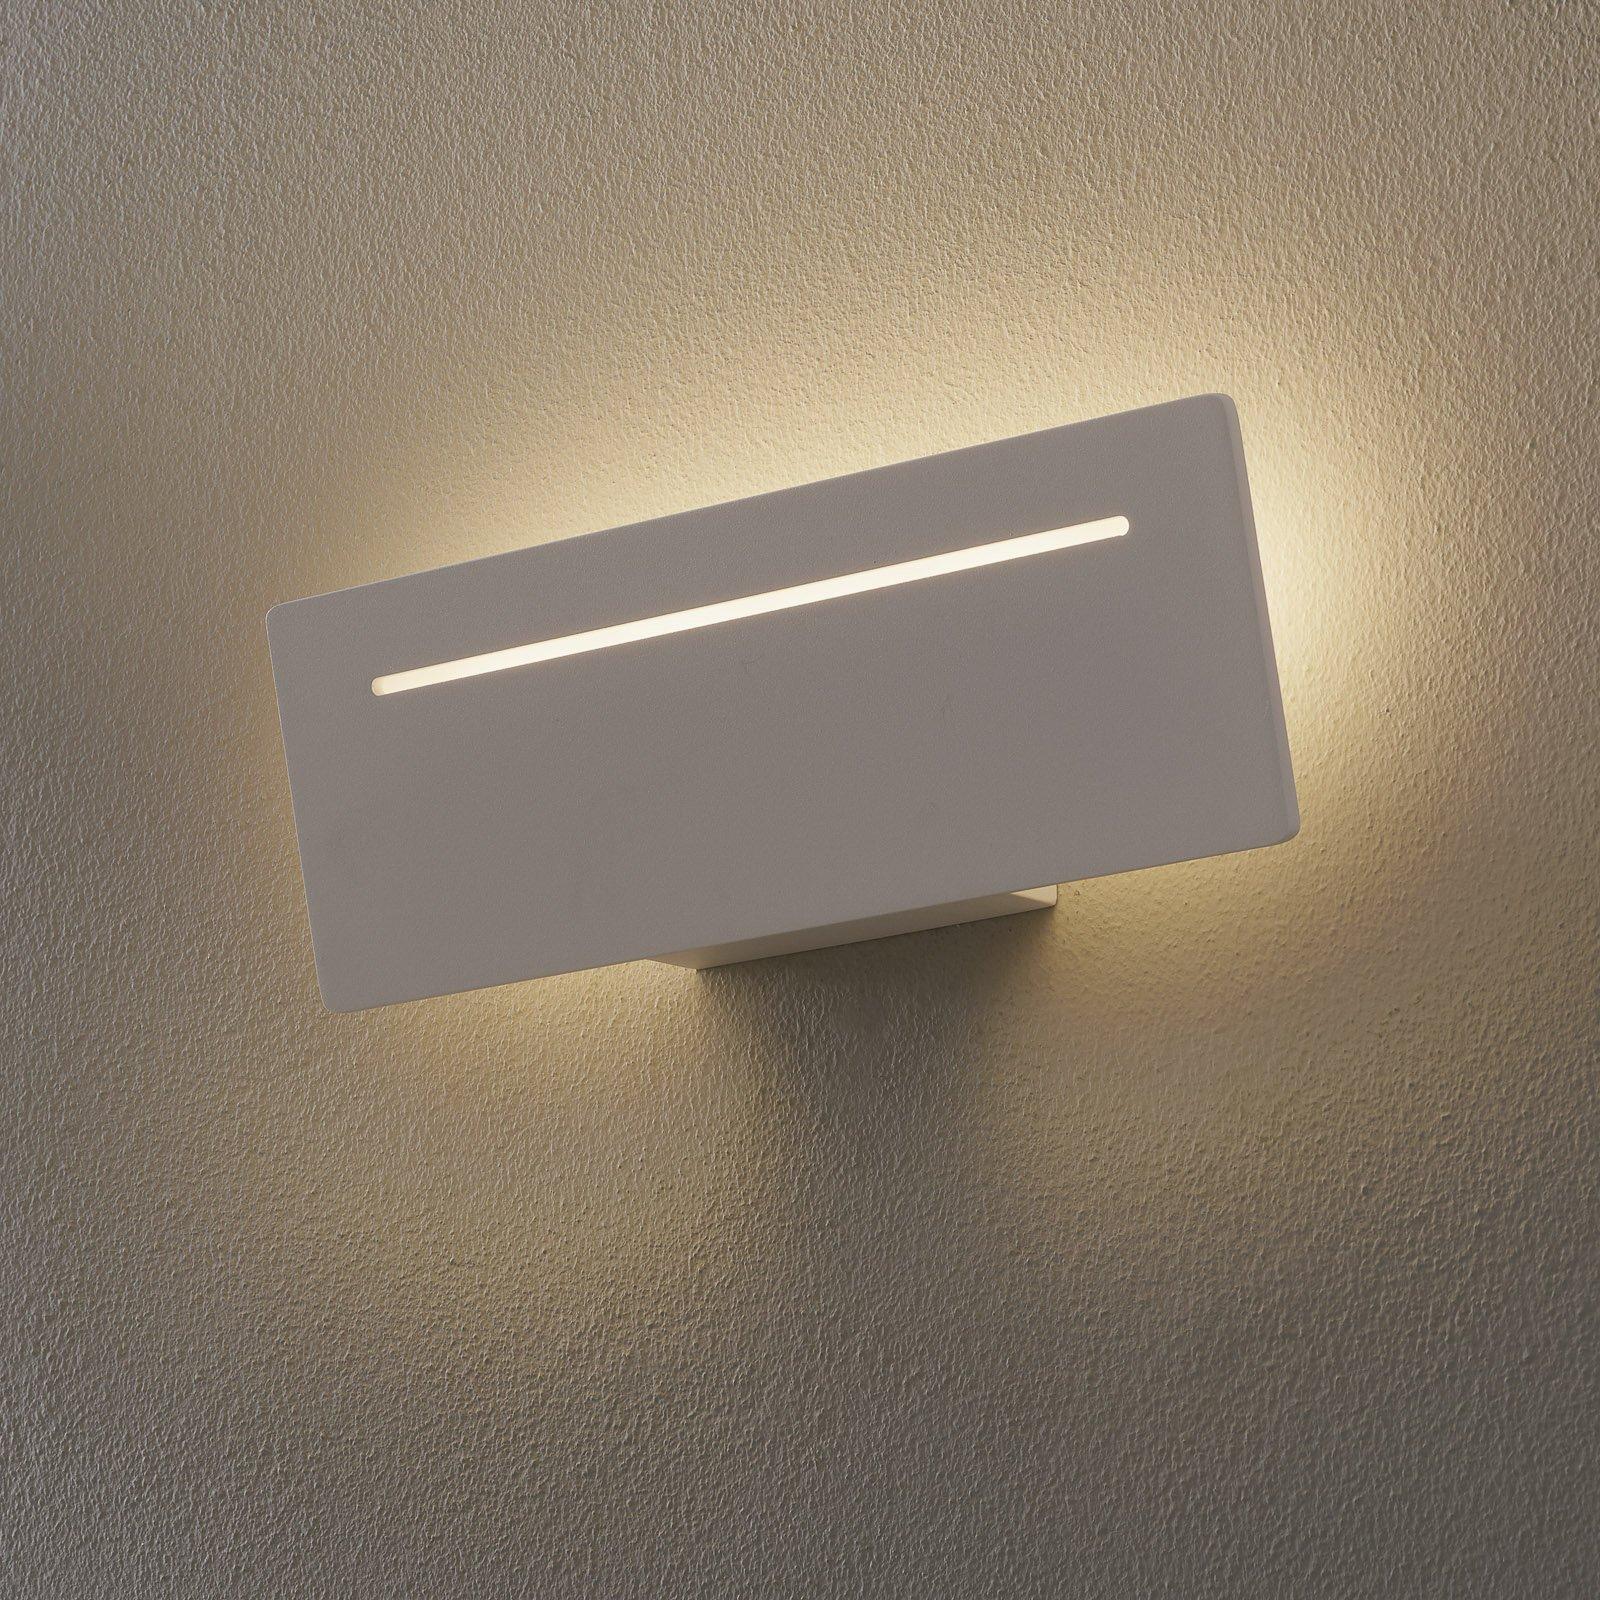 Toja LED-vegglampe, varmhvit, 35 cm